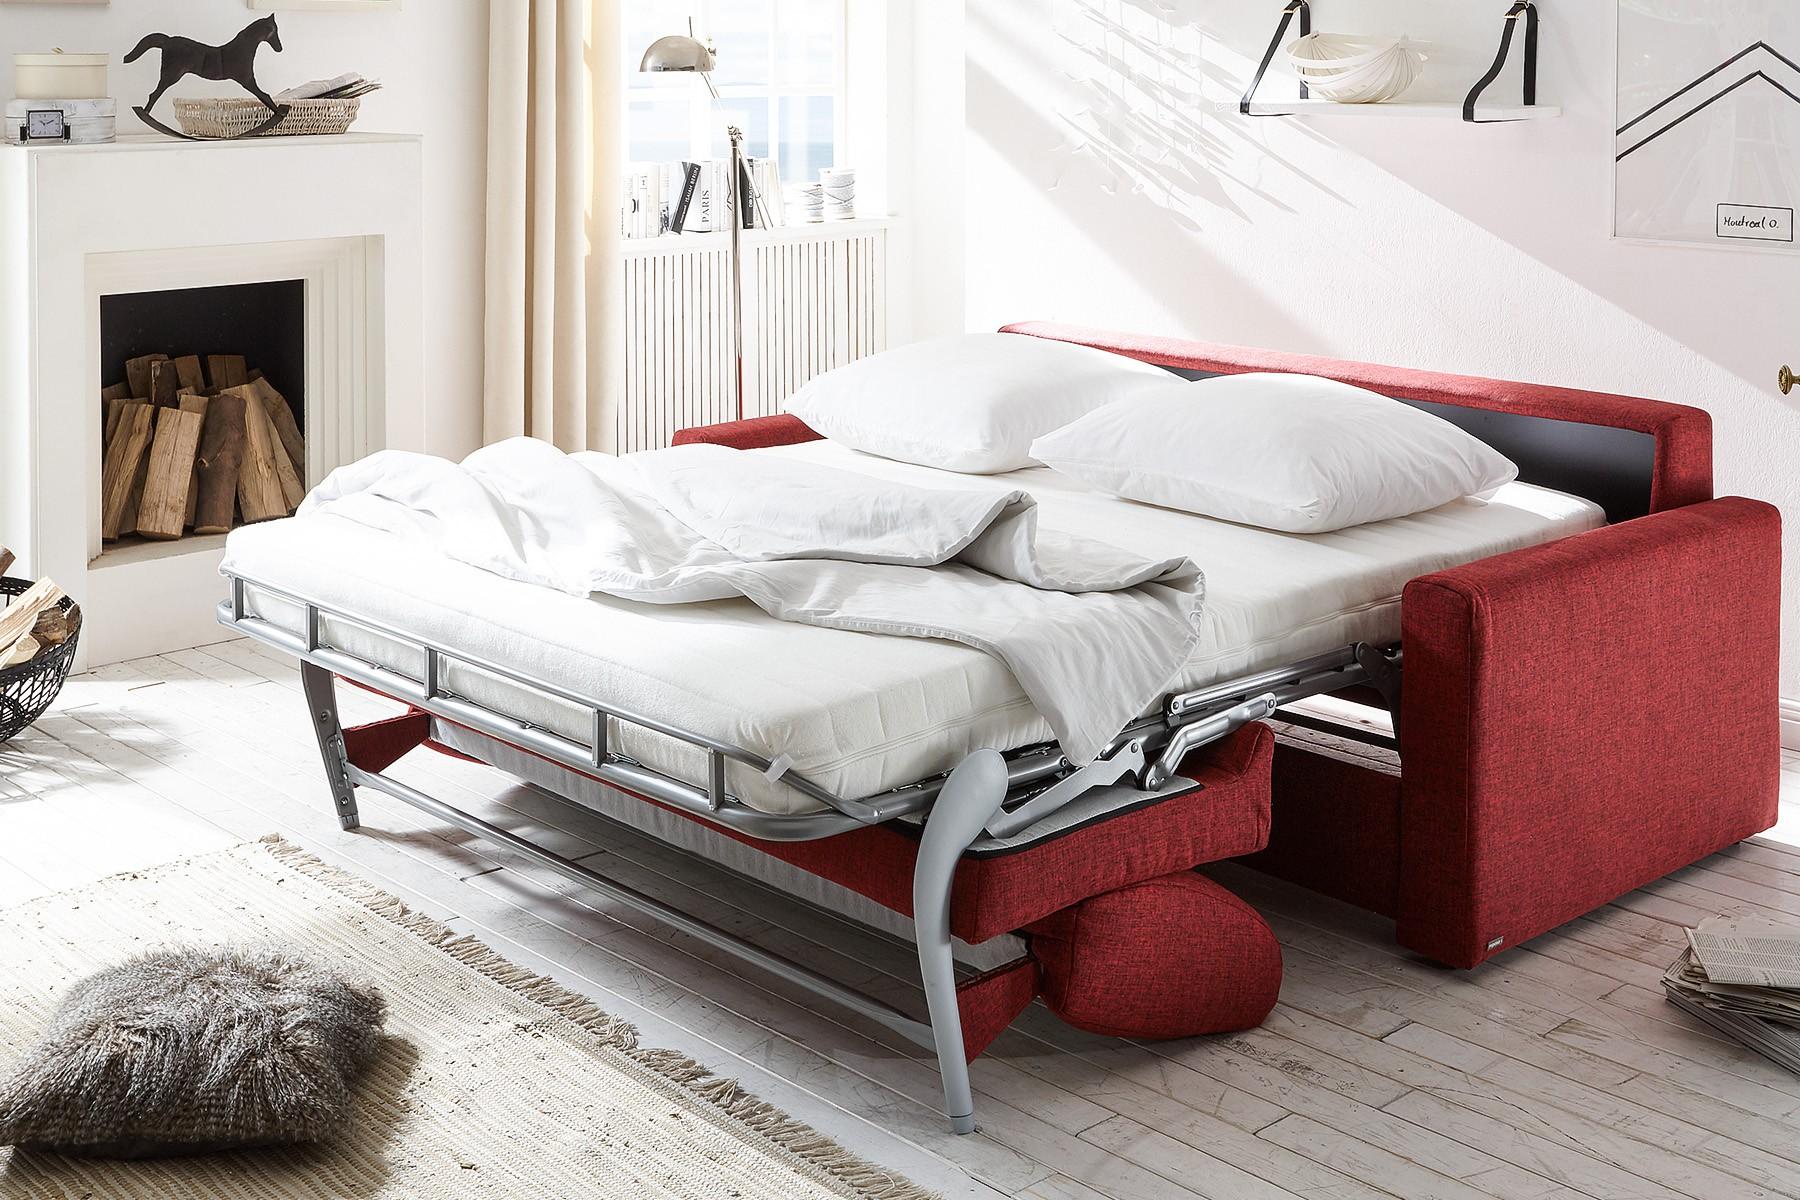 Full Size of Langes Sofa Lounge Lange Sofakissen Kaufen Lang Tisch Production Sofabord Sofaborde Dauerschläfer Xxl Günstig Verkaufen Big Poco Großes Blau Stoff Grau Sofa Langes Sofa